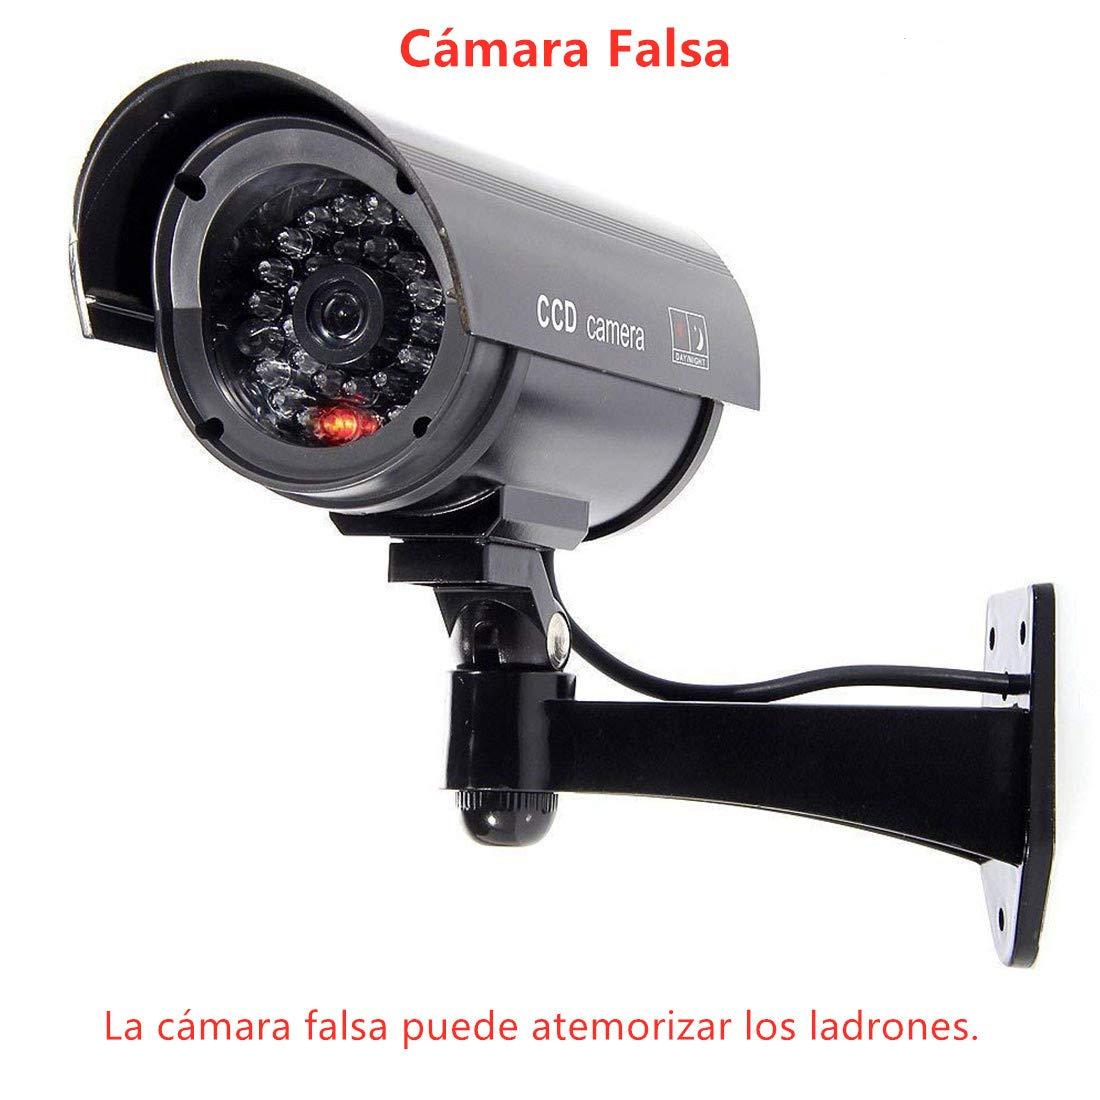 Cámara Falsa Cámara de Seguridad de simulación para Exteriores o Interiores con Luces Intermitentes, Negro